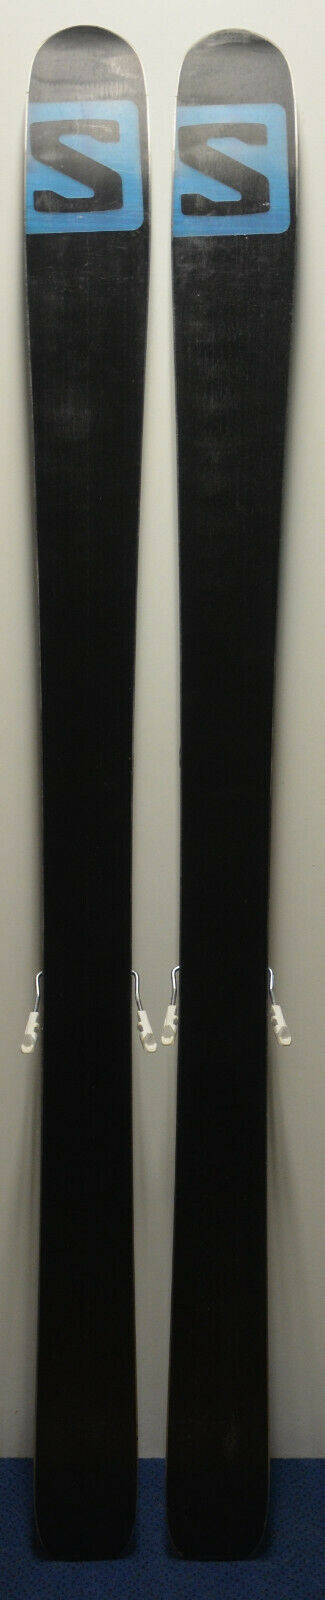 Ski parabolisch gebraucht SALOMON Lumen Q-96 - 162cm 162cm 162cm cbcc32